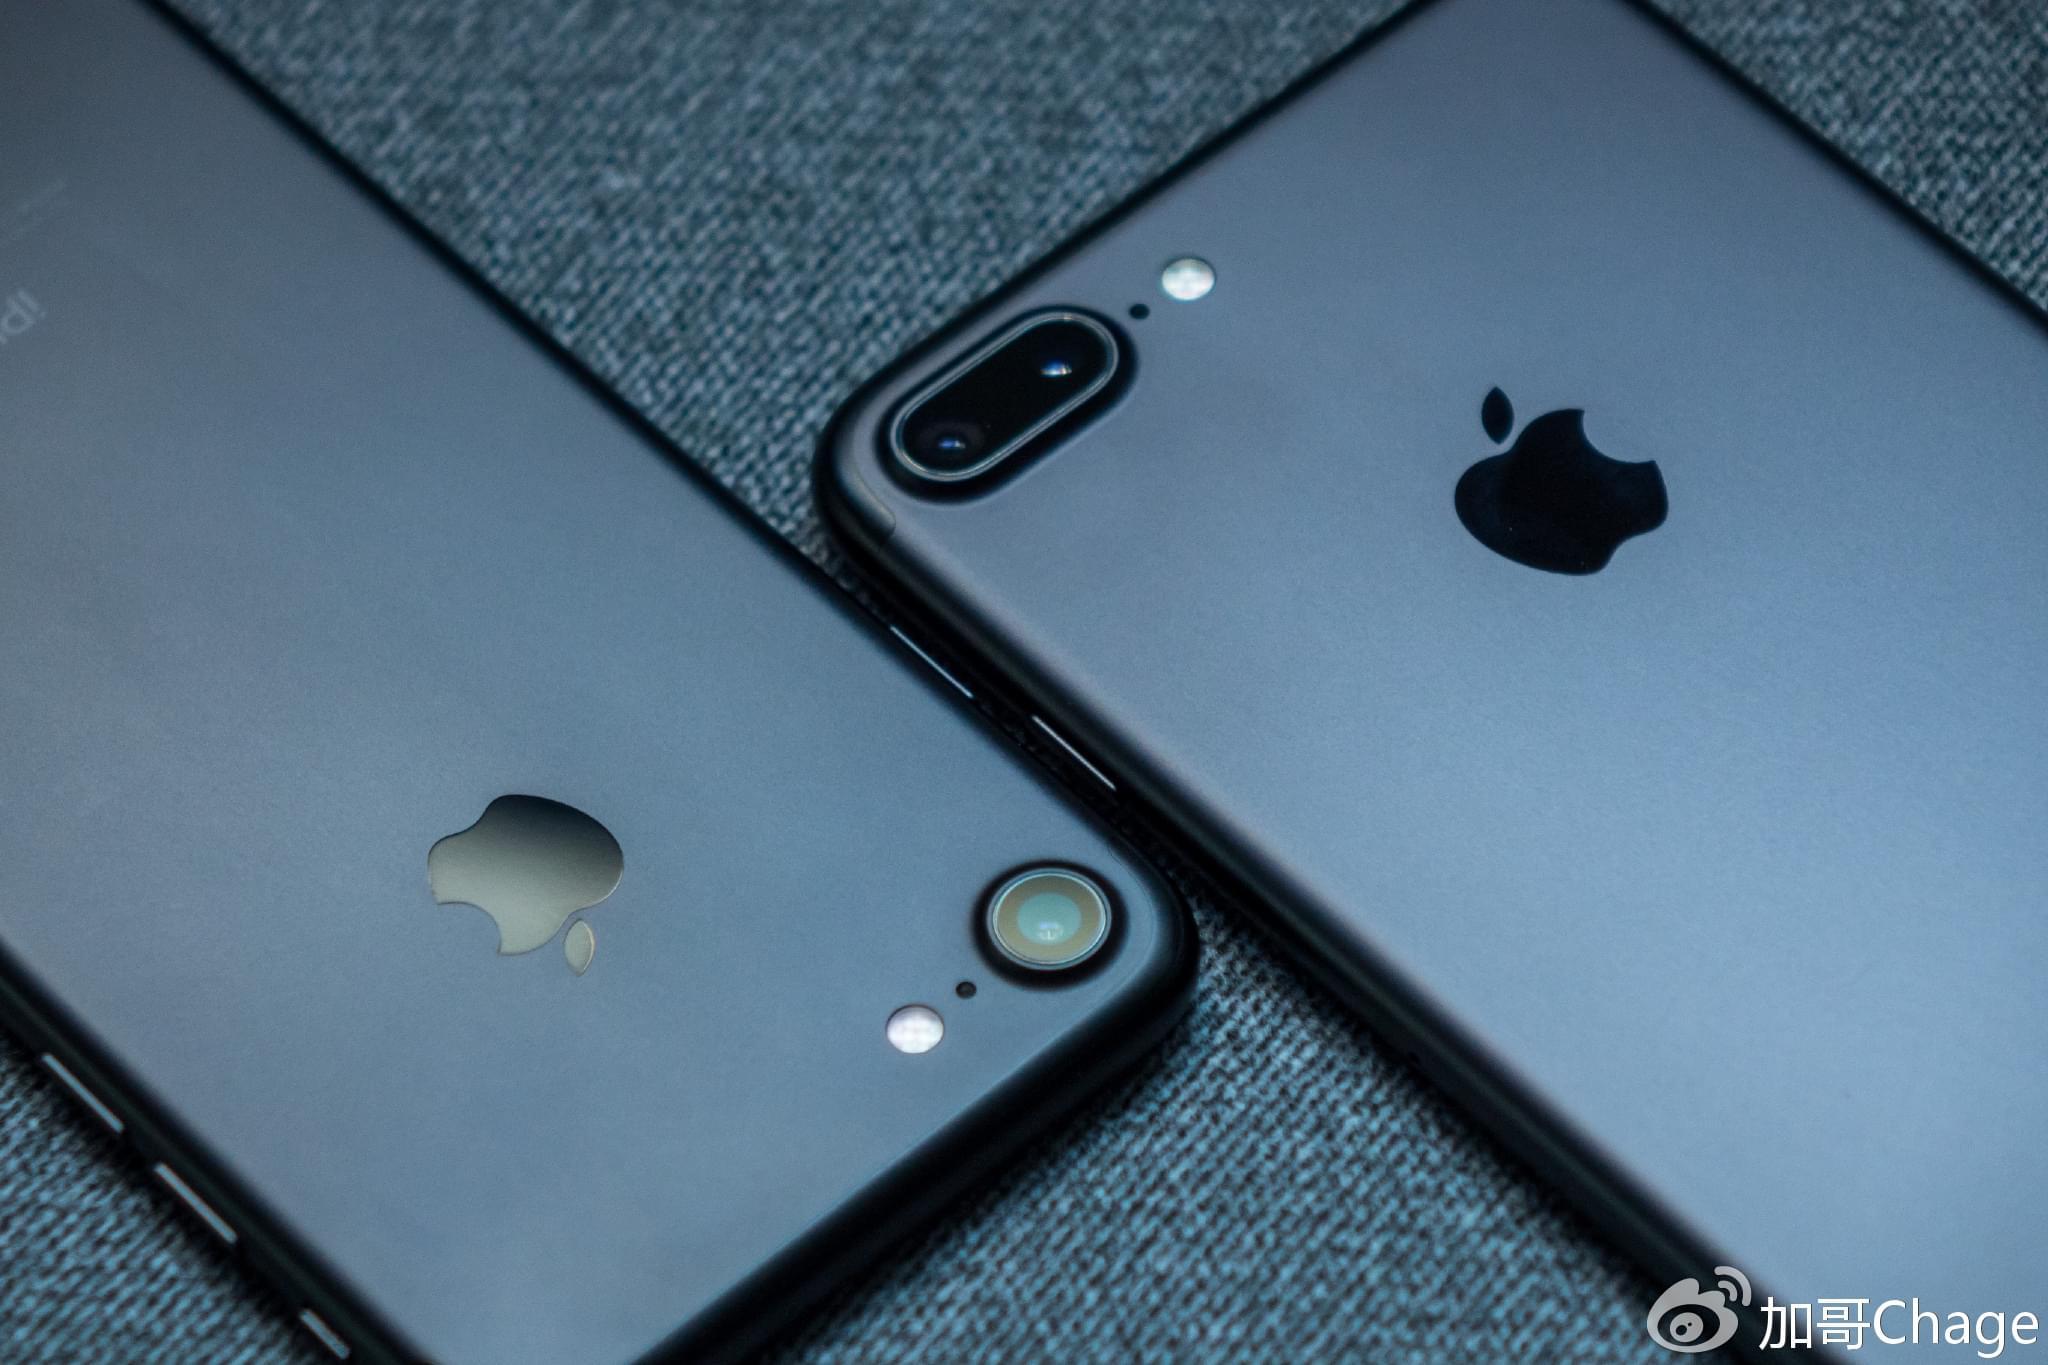 苹果的大败局?最详细的iPhone 7万字评测的照片 - 24